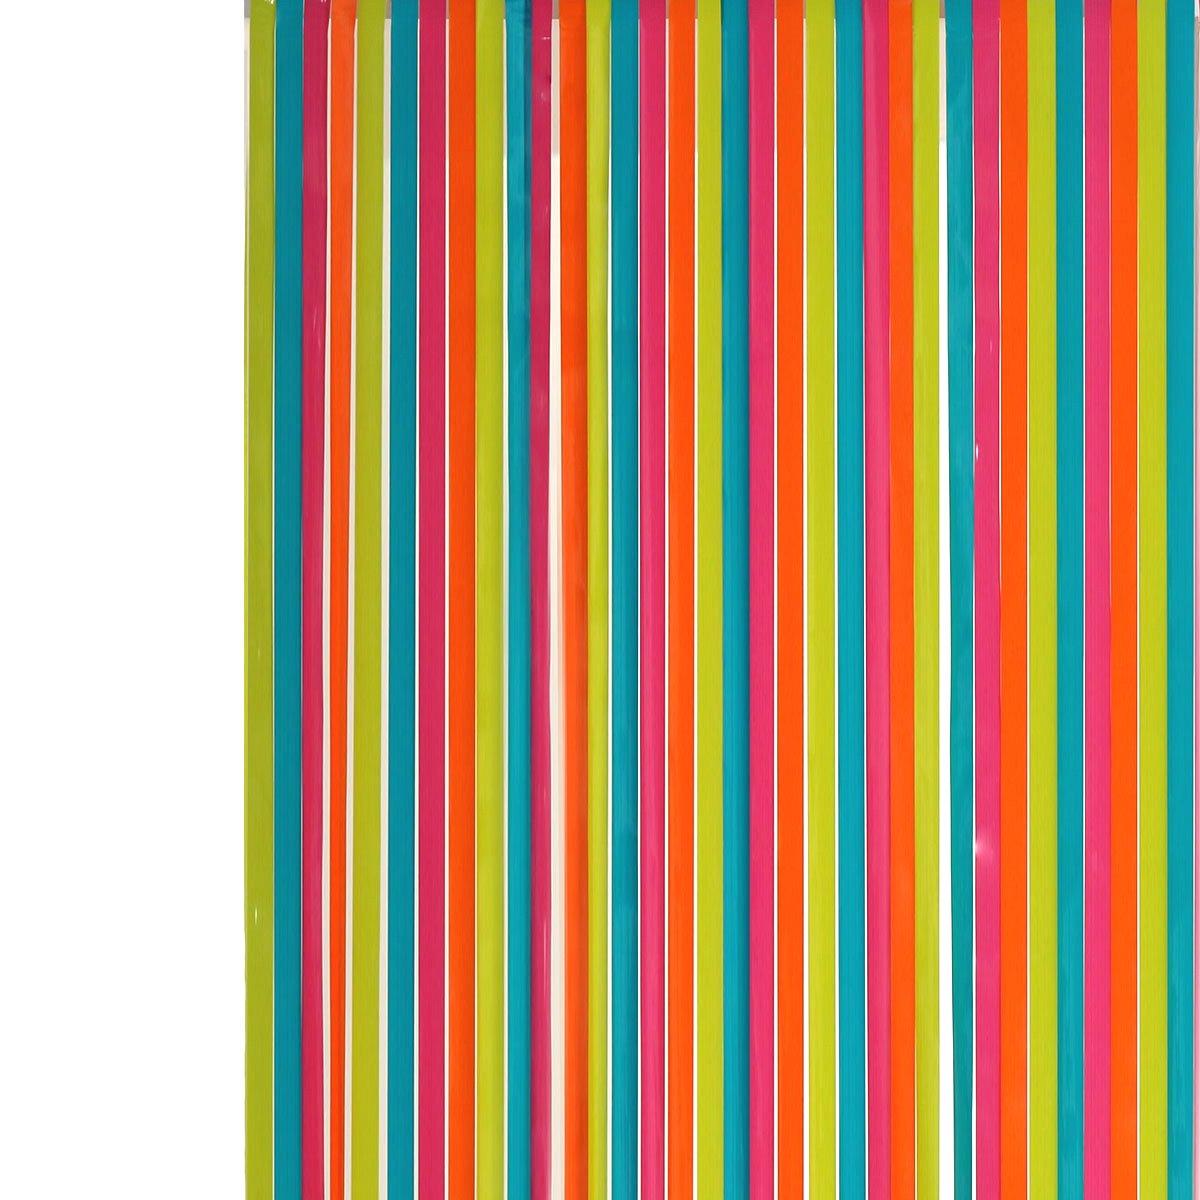 Rideau de porte lanières plastique Multicolore: Amazon.fr: Cuisine ...